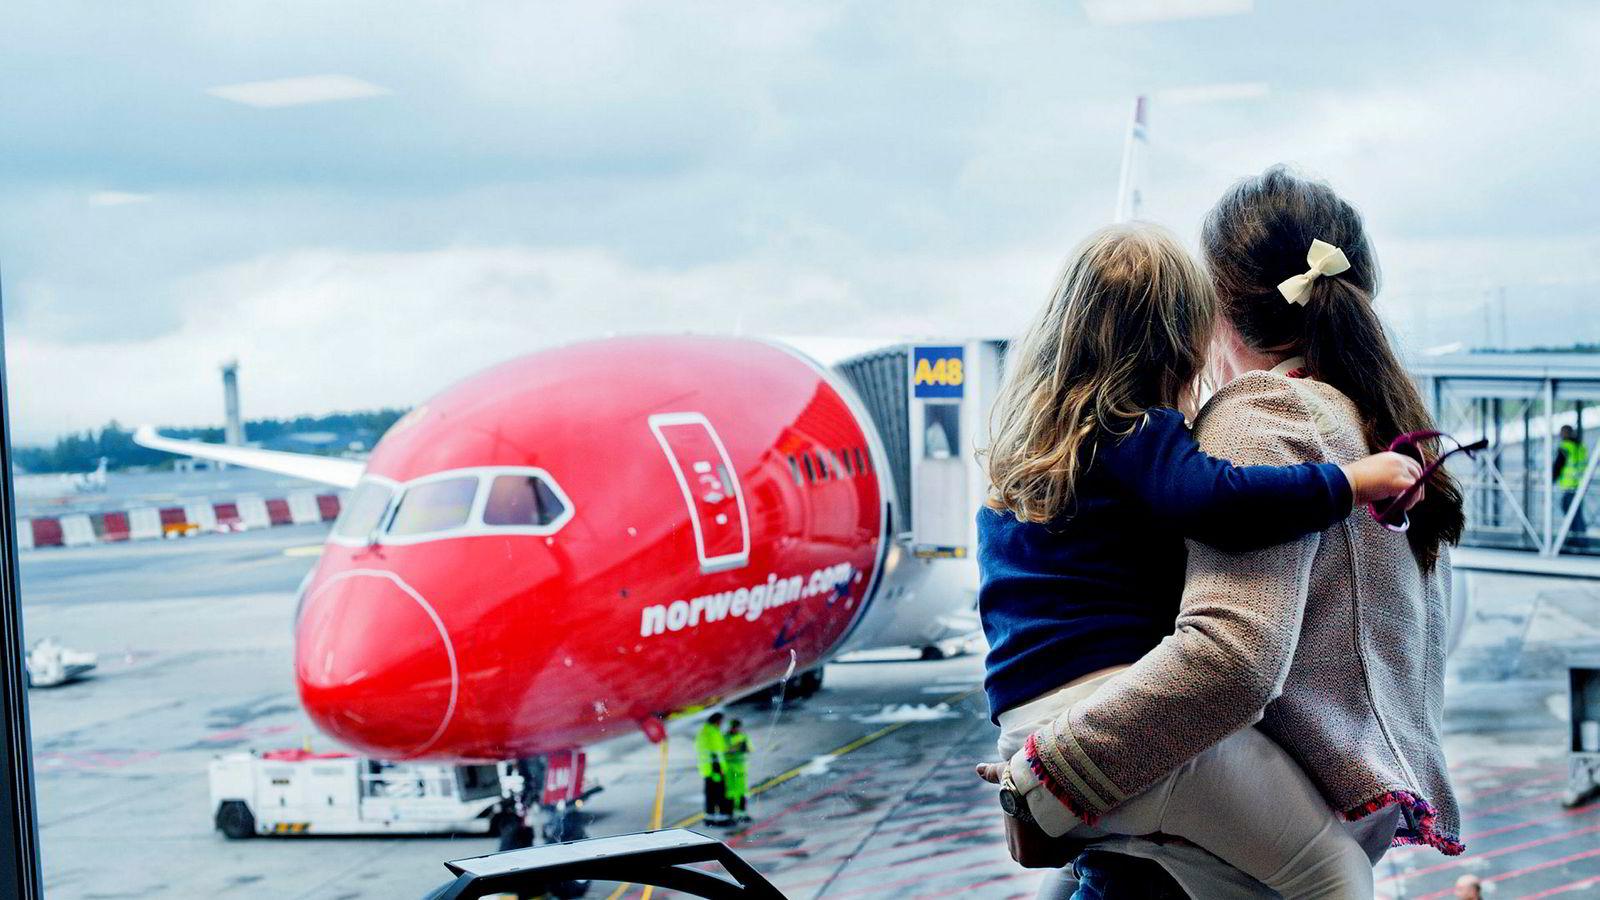 Et av Norwegians langdistansefly, Boeing 787 Dreamliner, på Oslo Lufthavn Gardermoen. Veksten til selskapet avtar, men inntektsnivået er omtrent uendret i høysesongen, sammenlignet med i fjor.